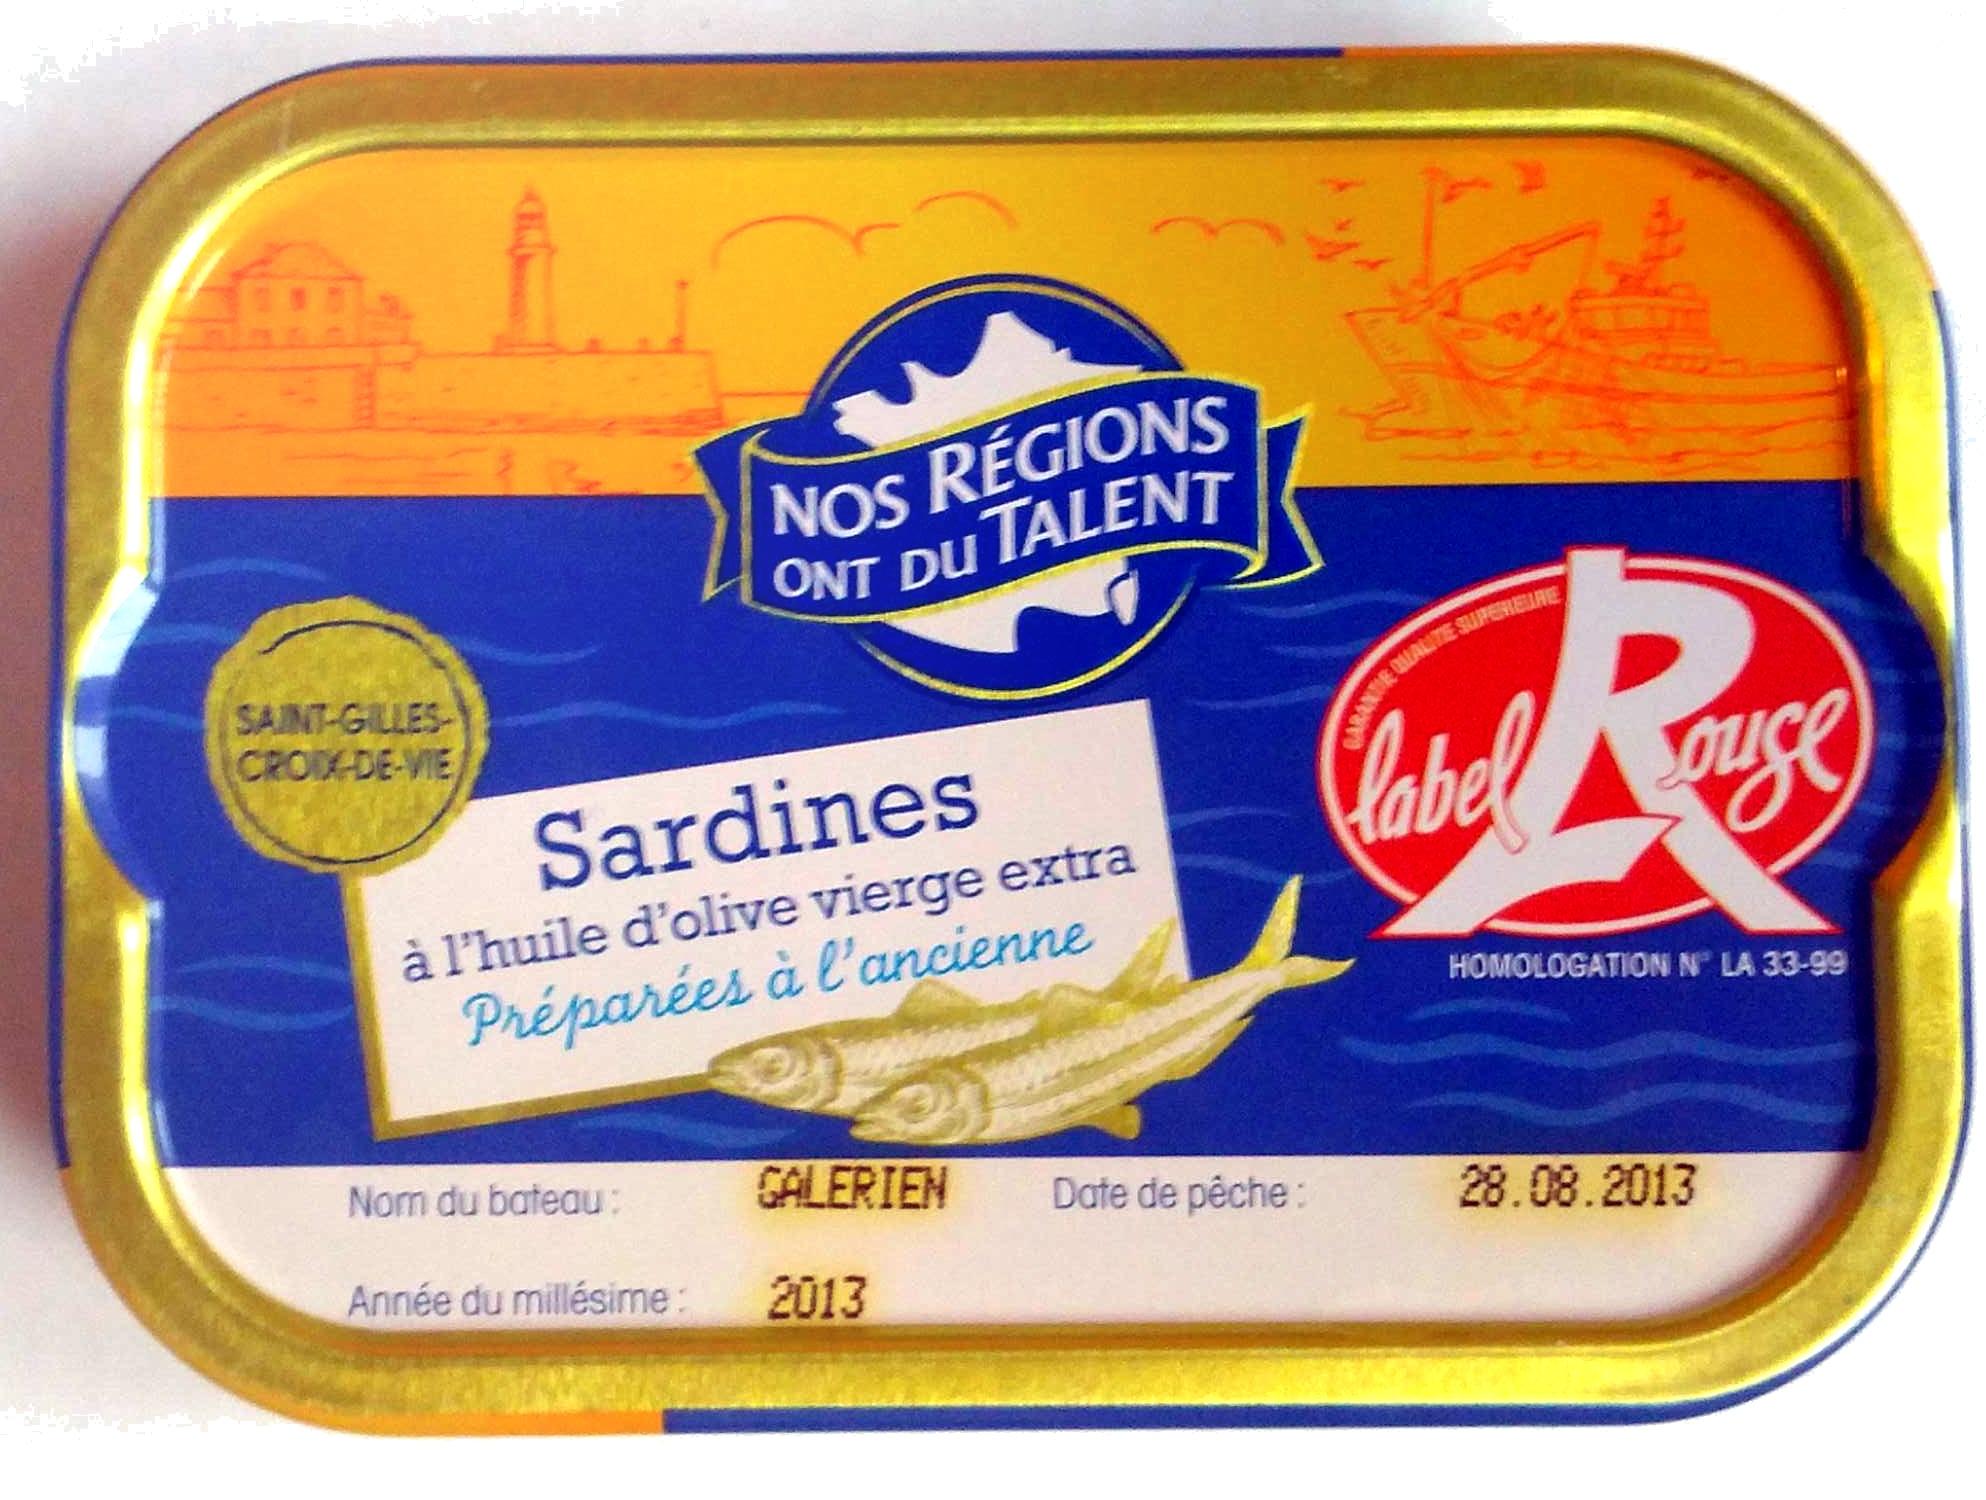 Sardines à l'huile d'olive verge extra (Préparées à l'ancienne) Label Rouge - Produit